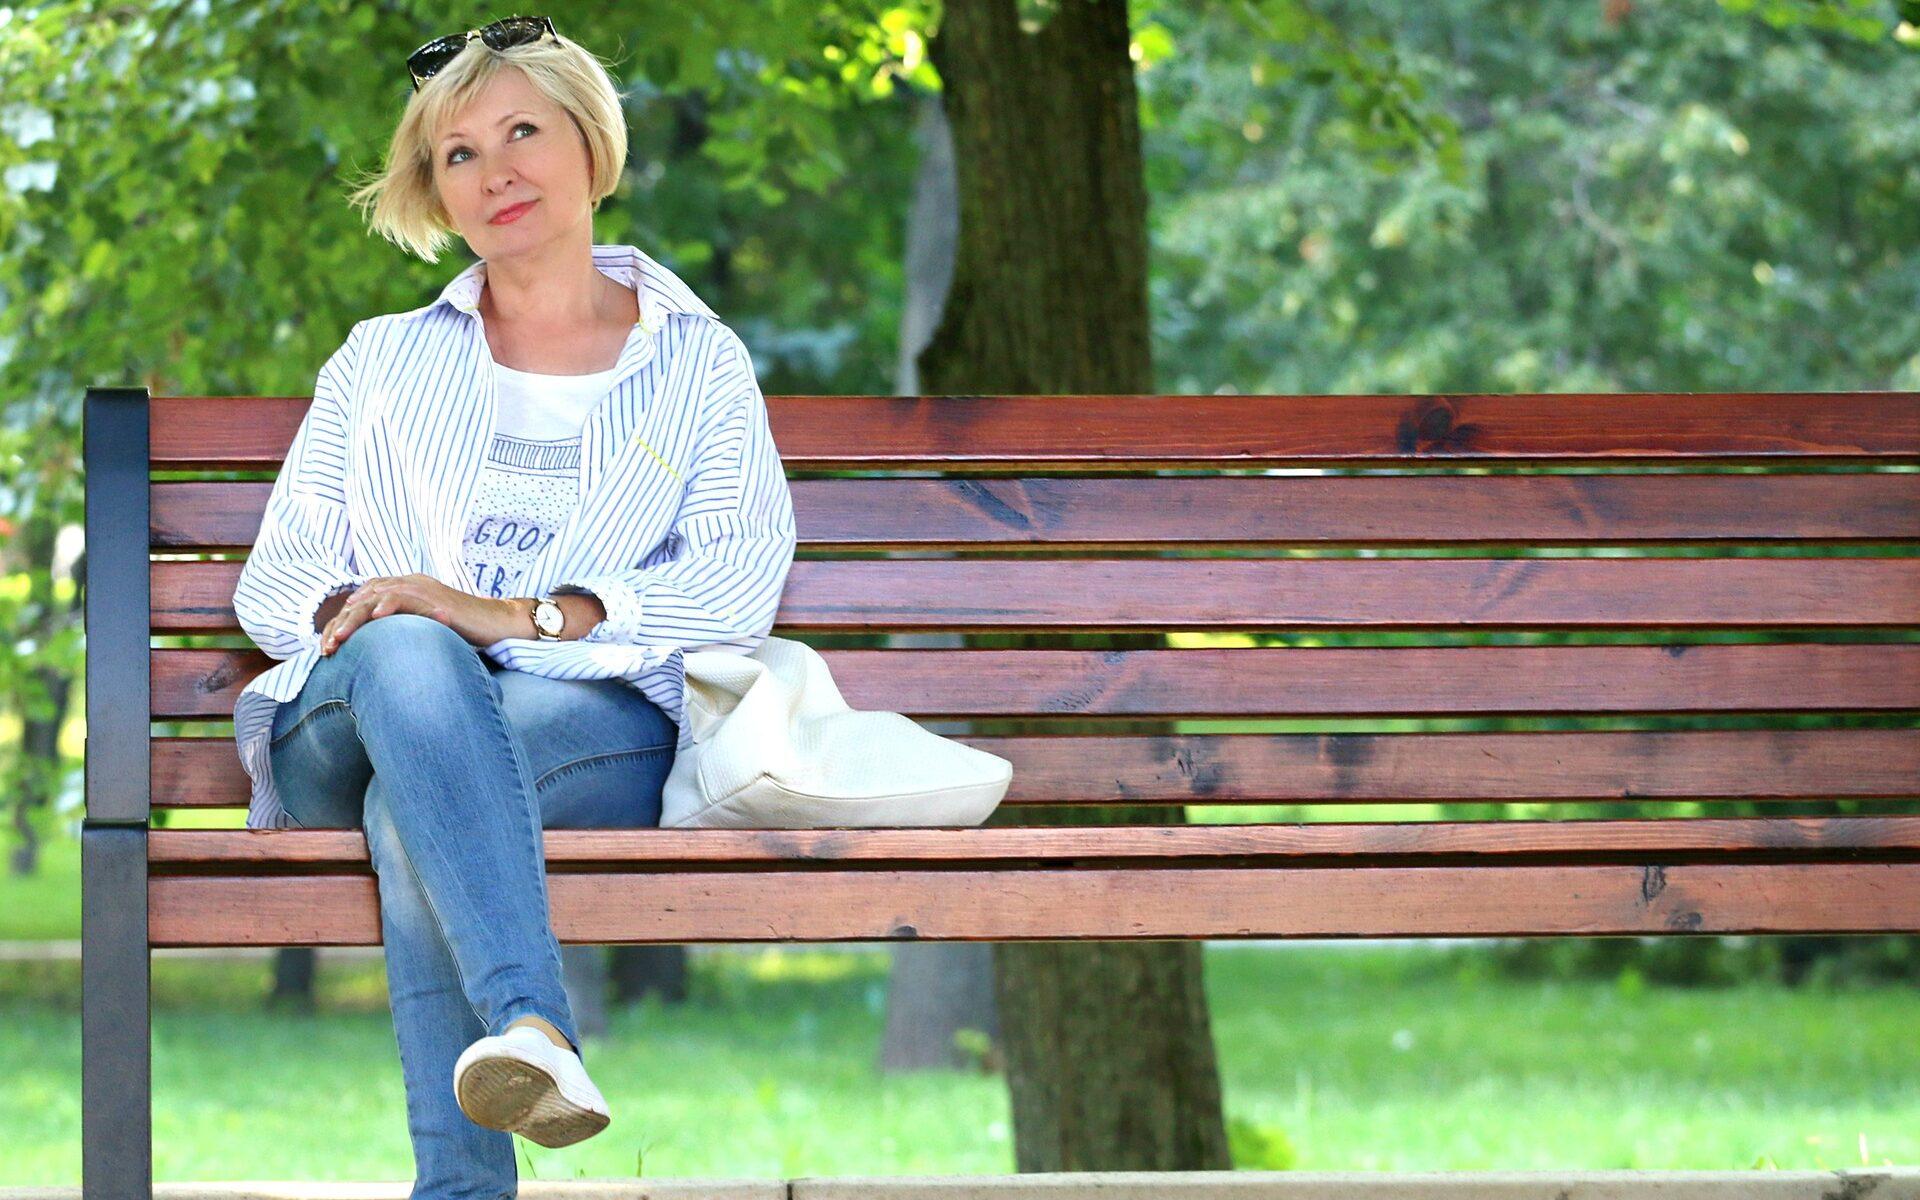 Frau sitzt alleine auf einer Bank